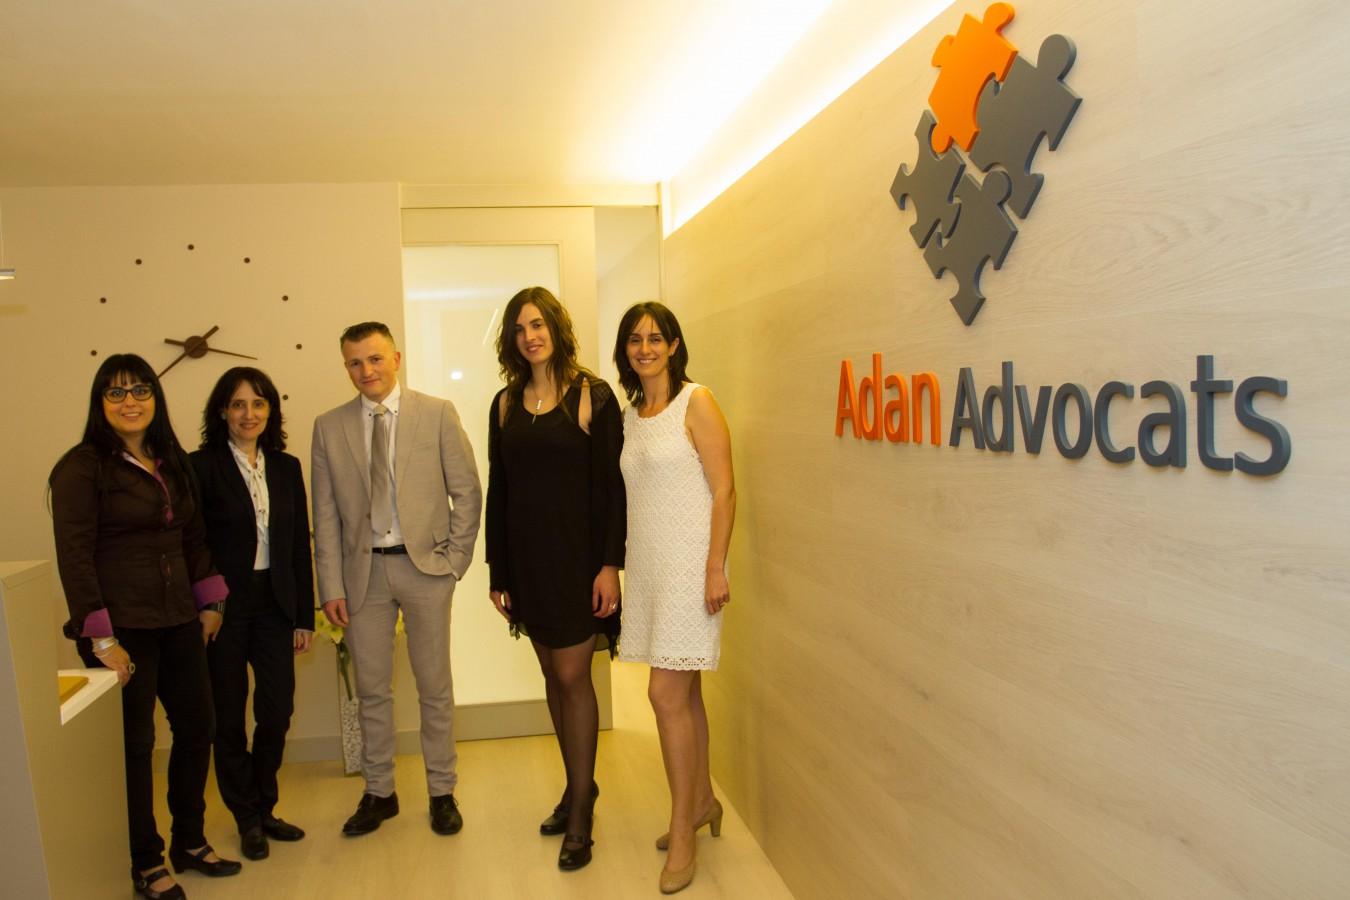 Adan Advocats estrena sedes en Vic y Barcelona